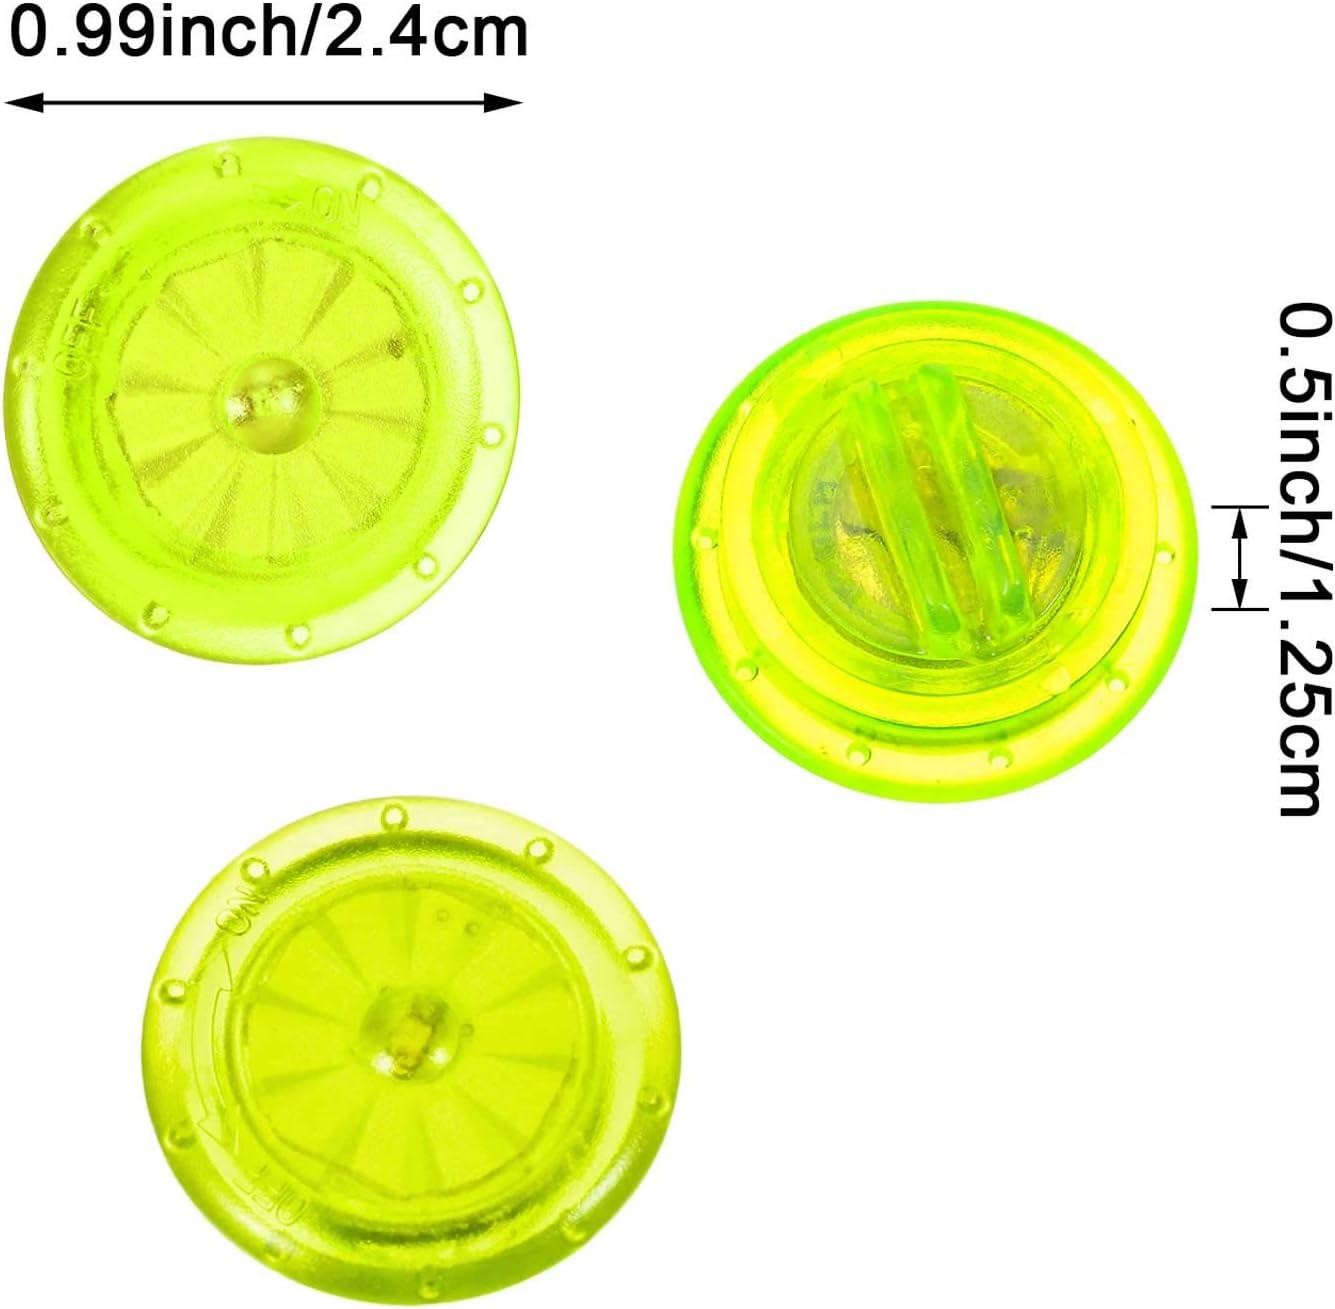 Artibetter 100 Pezzi Monouso Cappelli Medici Copricapo Copricapo Copricapo Protezione Chirurgica Antipolvere per Capelli Doccia per Spa Salon Ospedale